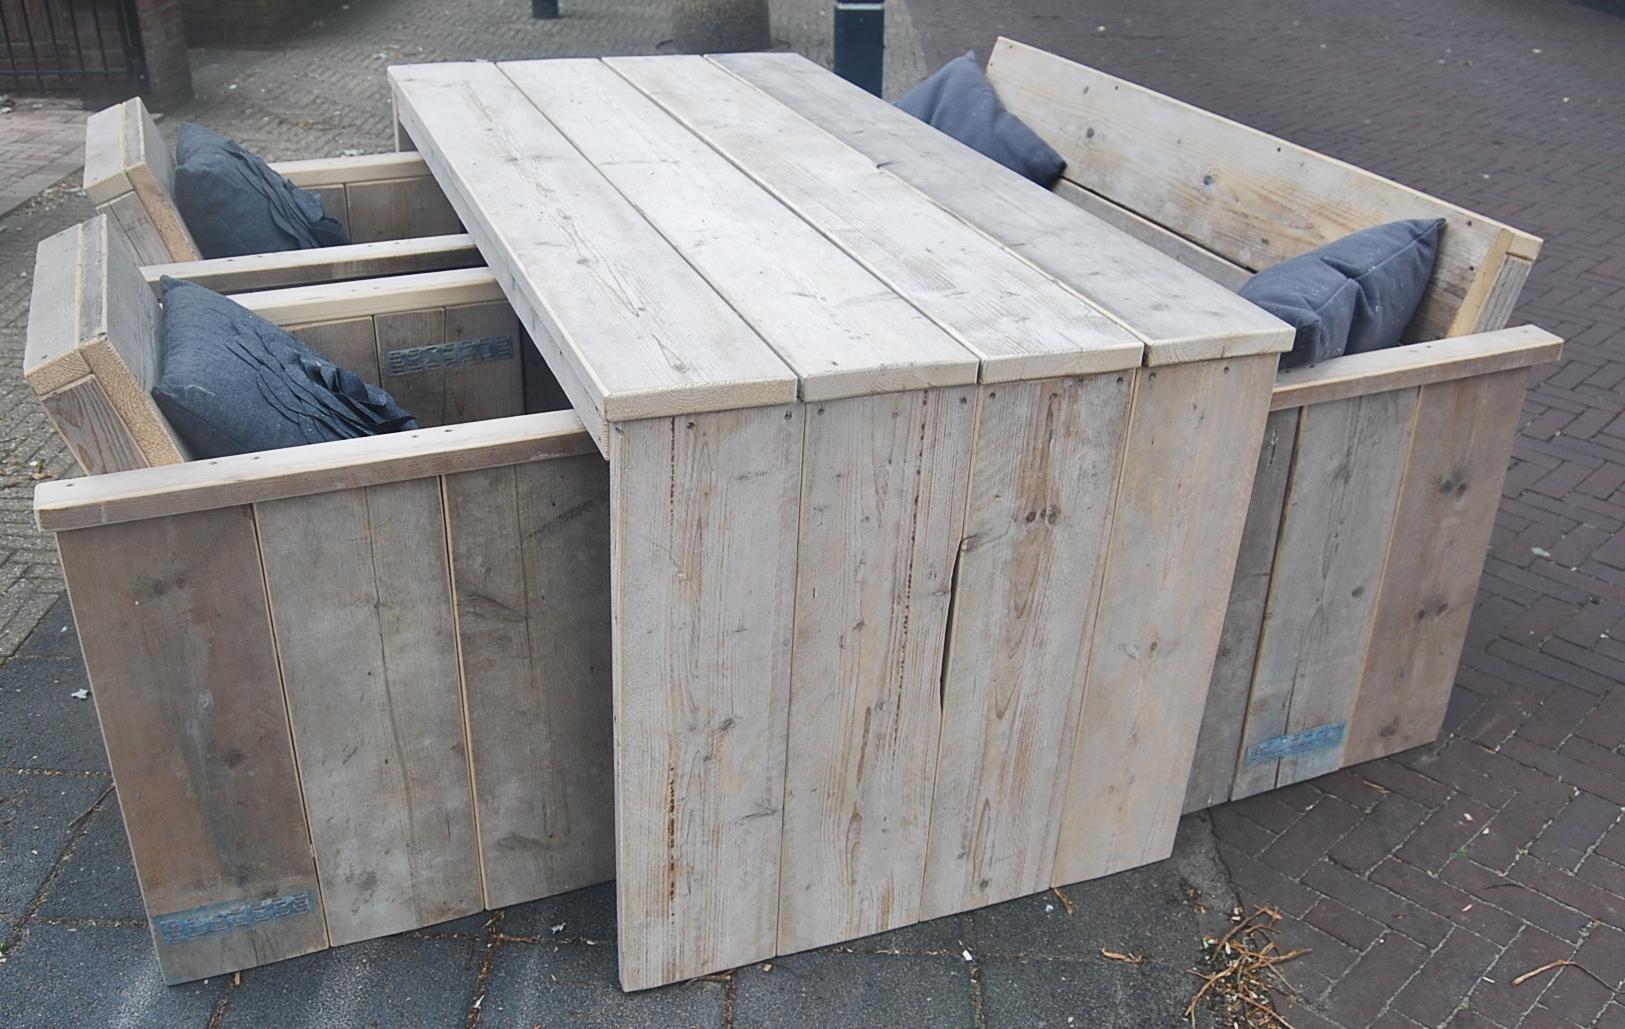 Tafels en tuintafels steigerhout alle maten en modellen for Tafel van steigerplanken